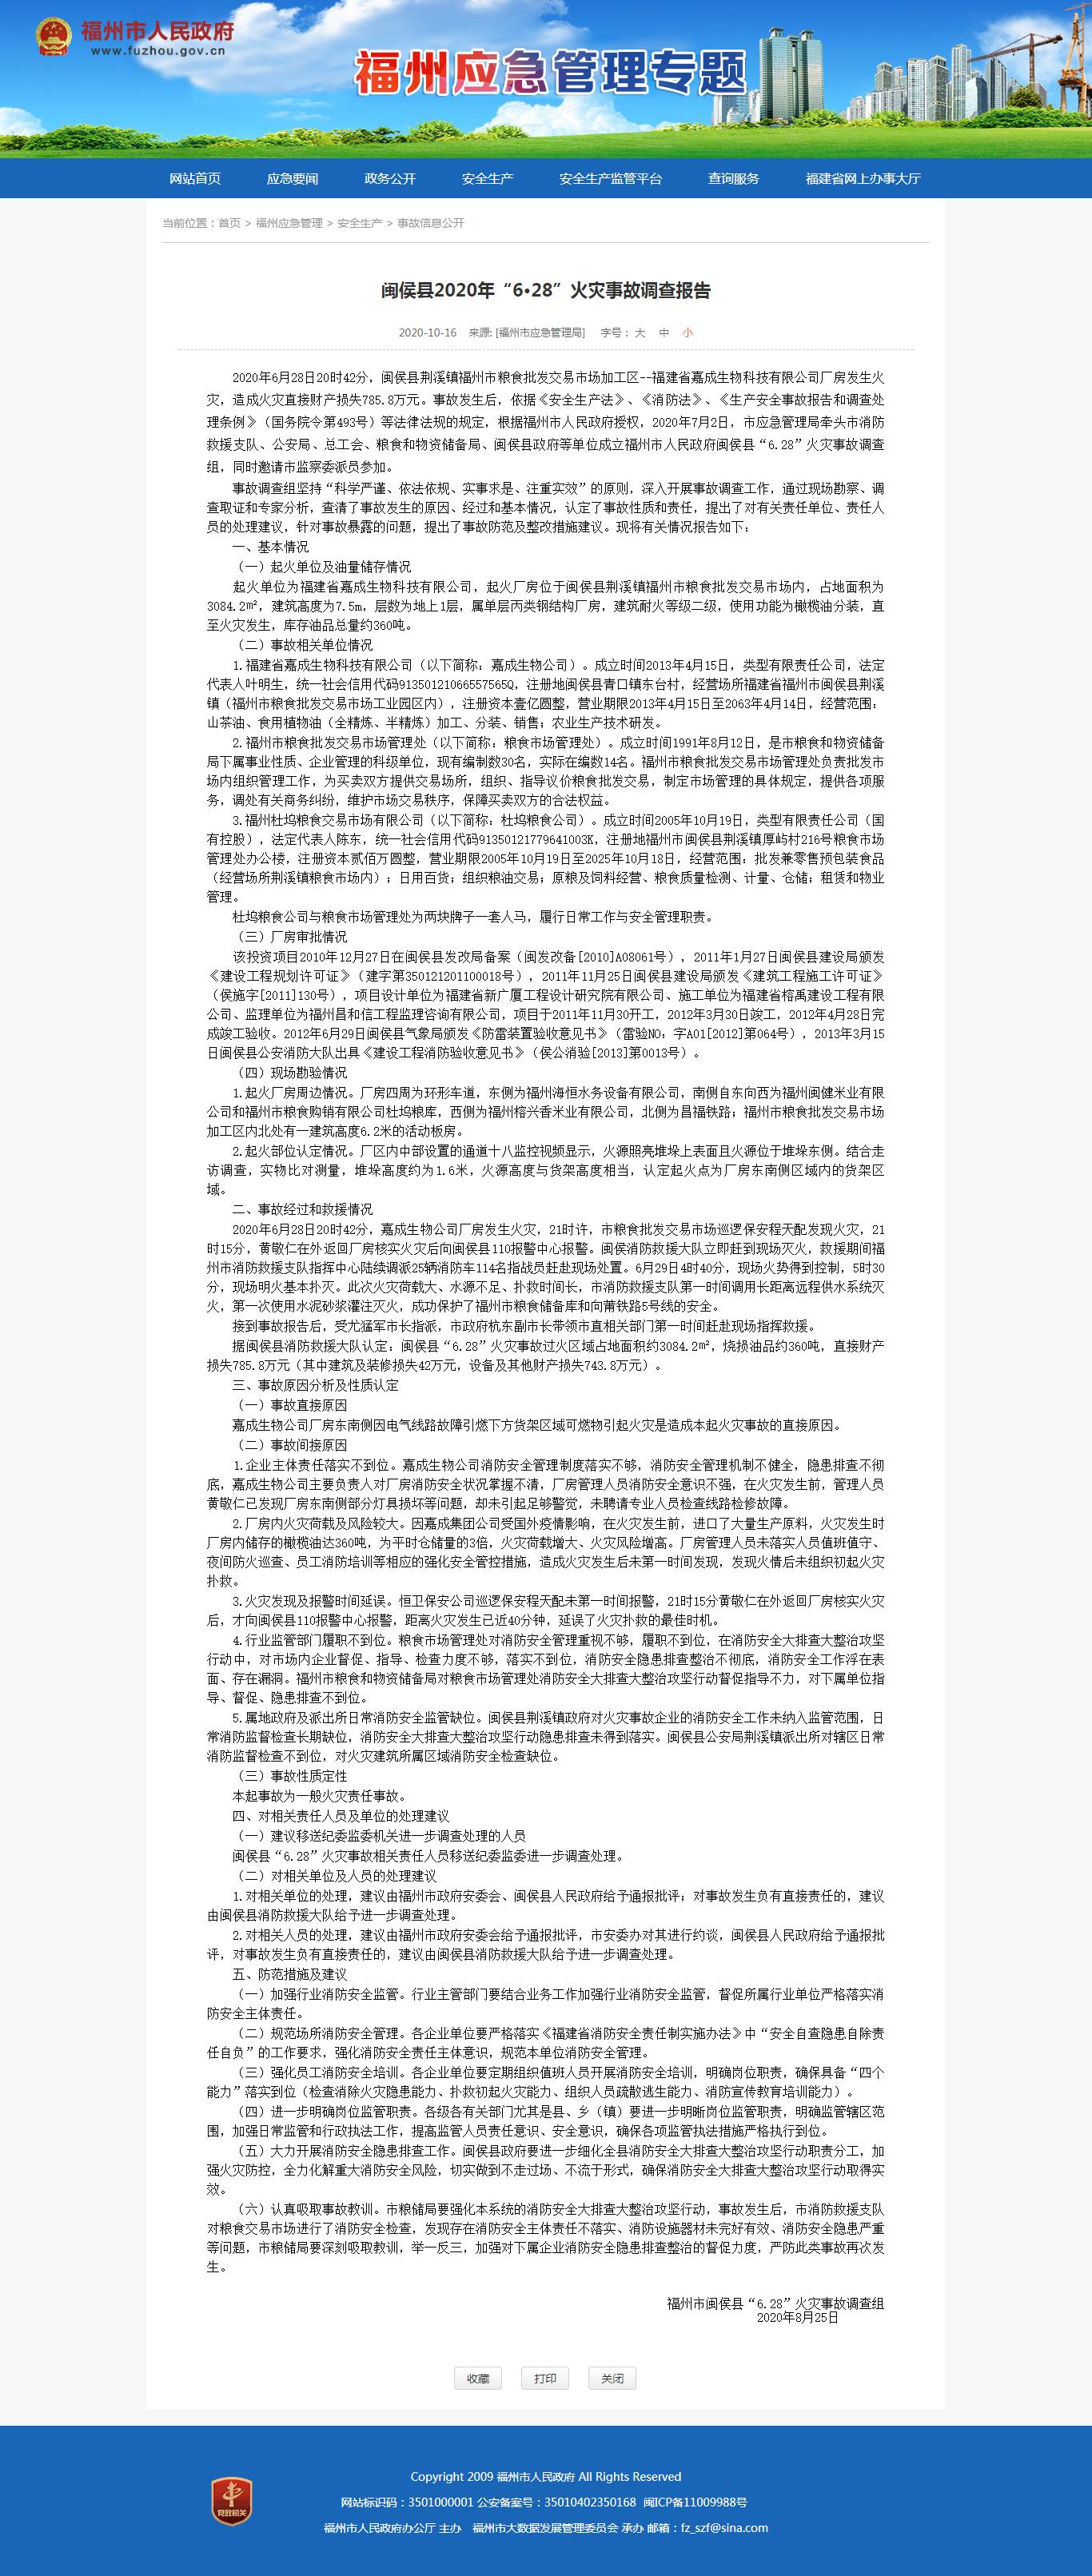 福州市粮食市场一厂房6-28火灾报告:烧损橄榄油360吨图片